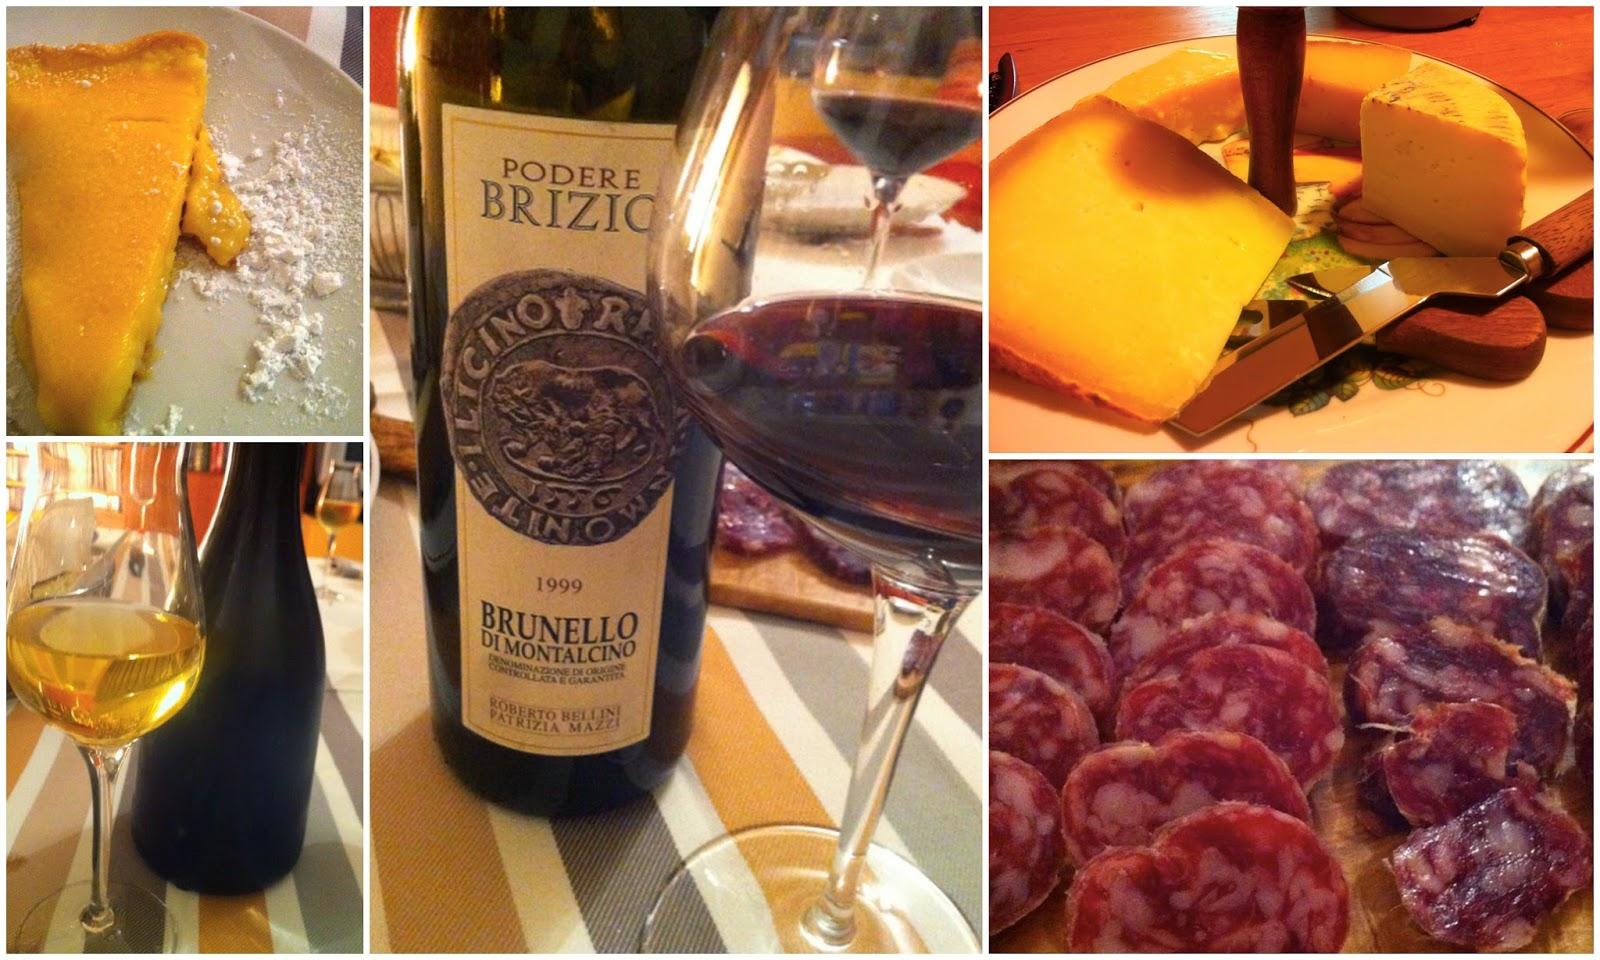 итальянские сыры, итальянские колбасы с красным вином, вино фраголино